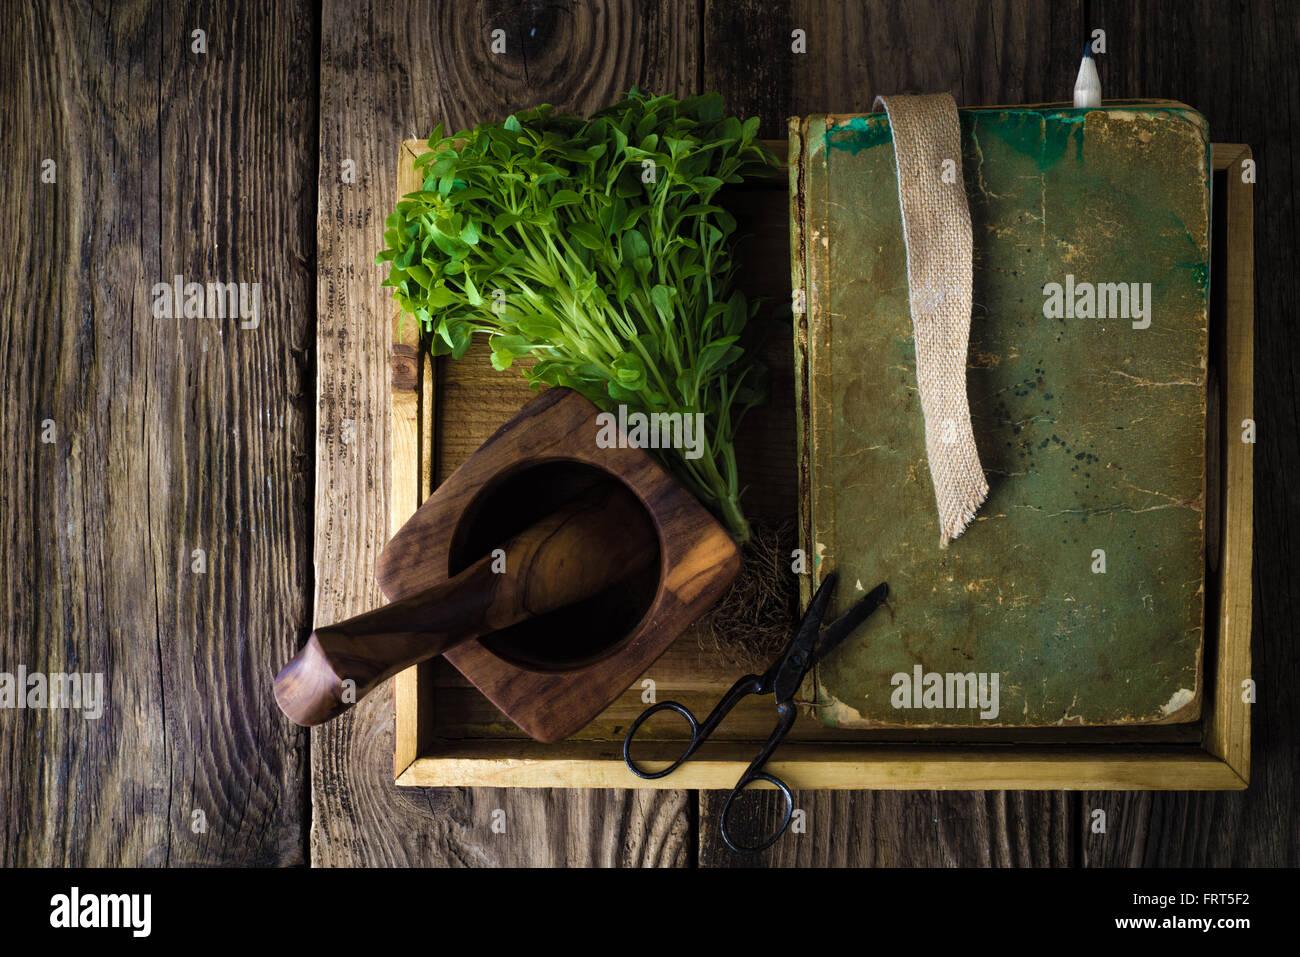 Holztablett mit Buch, grüner Basilikum und Schere Draufsicht Stockbild